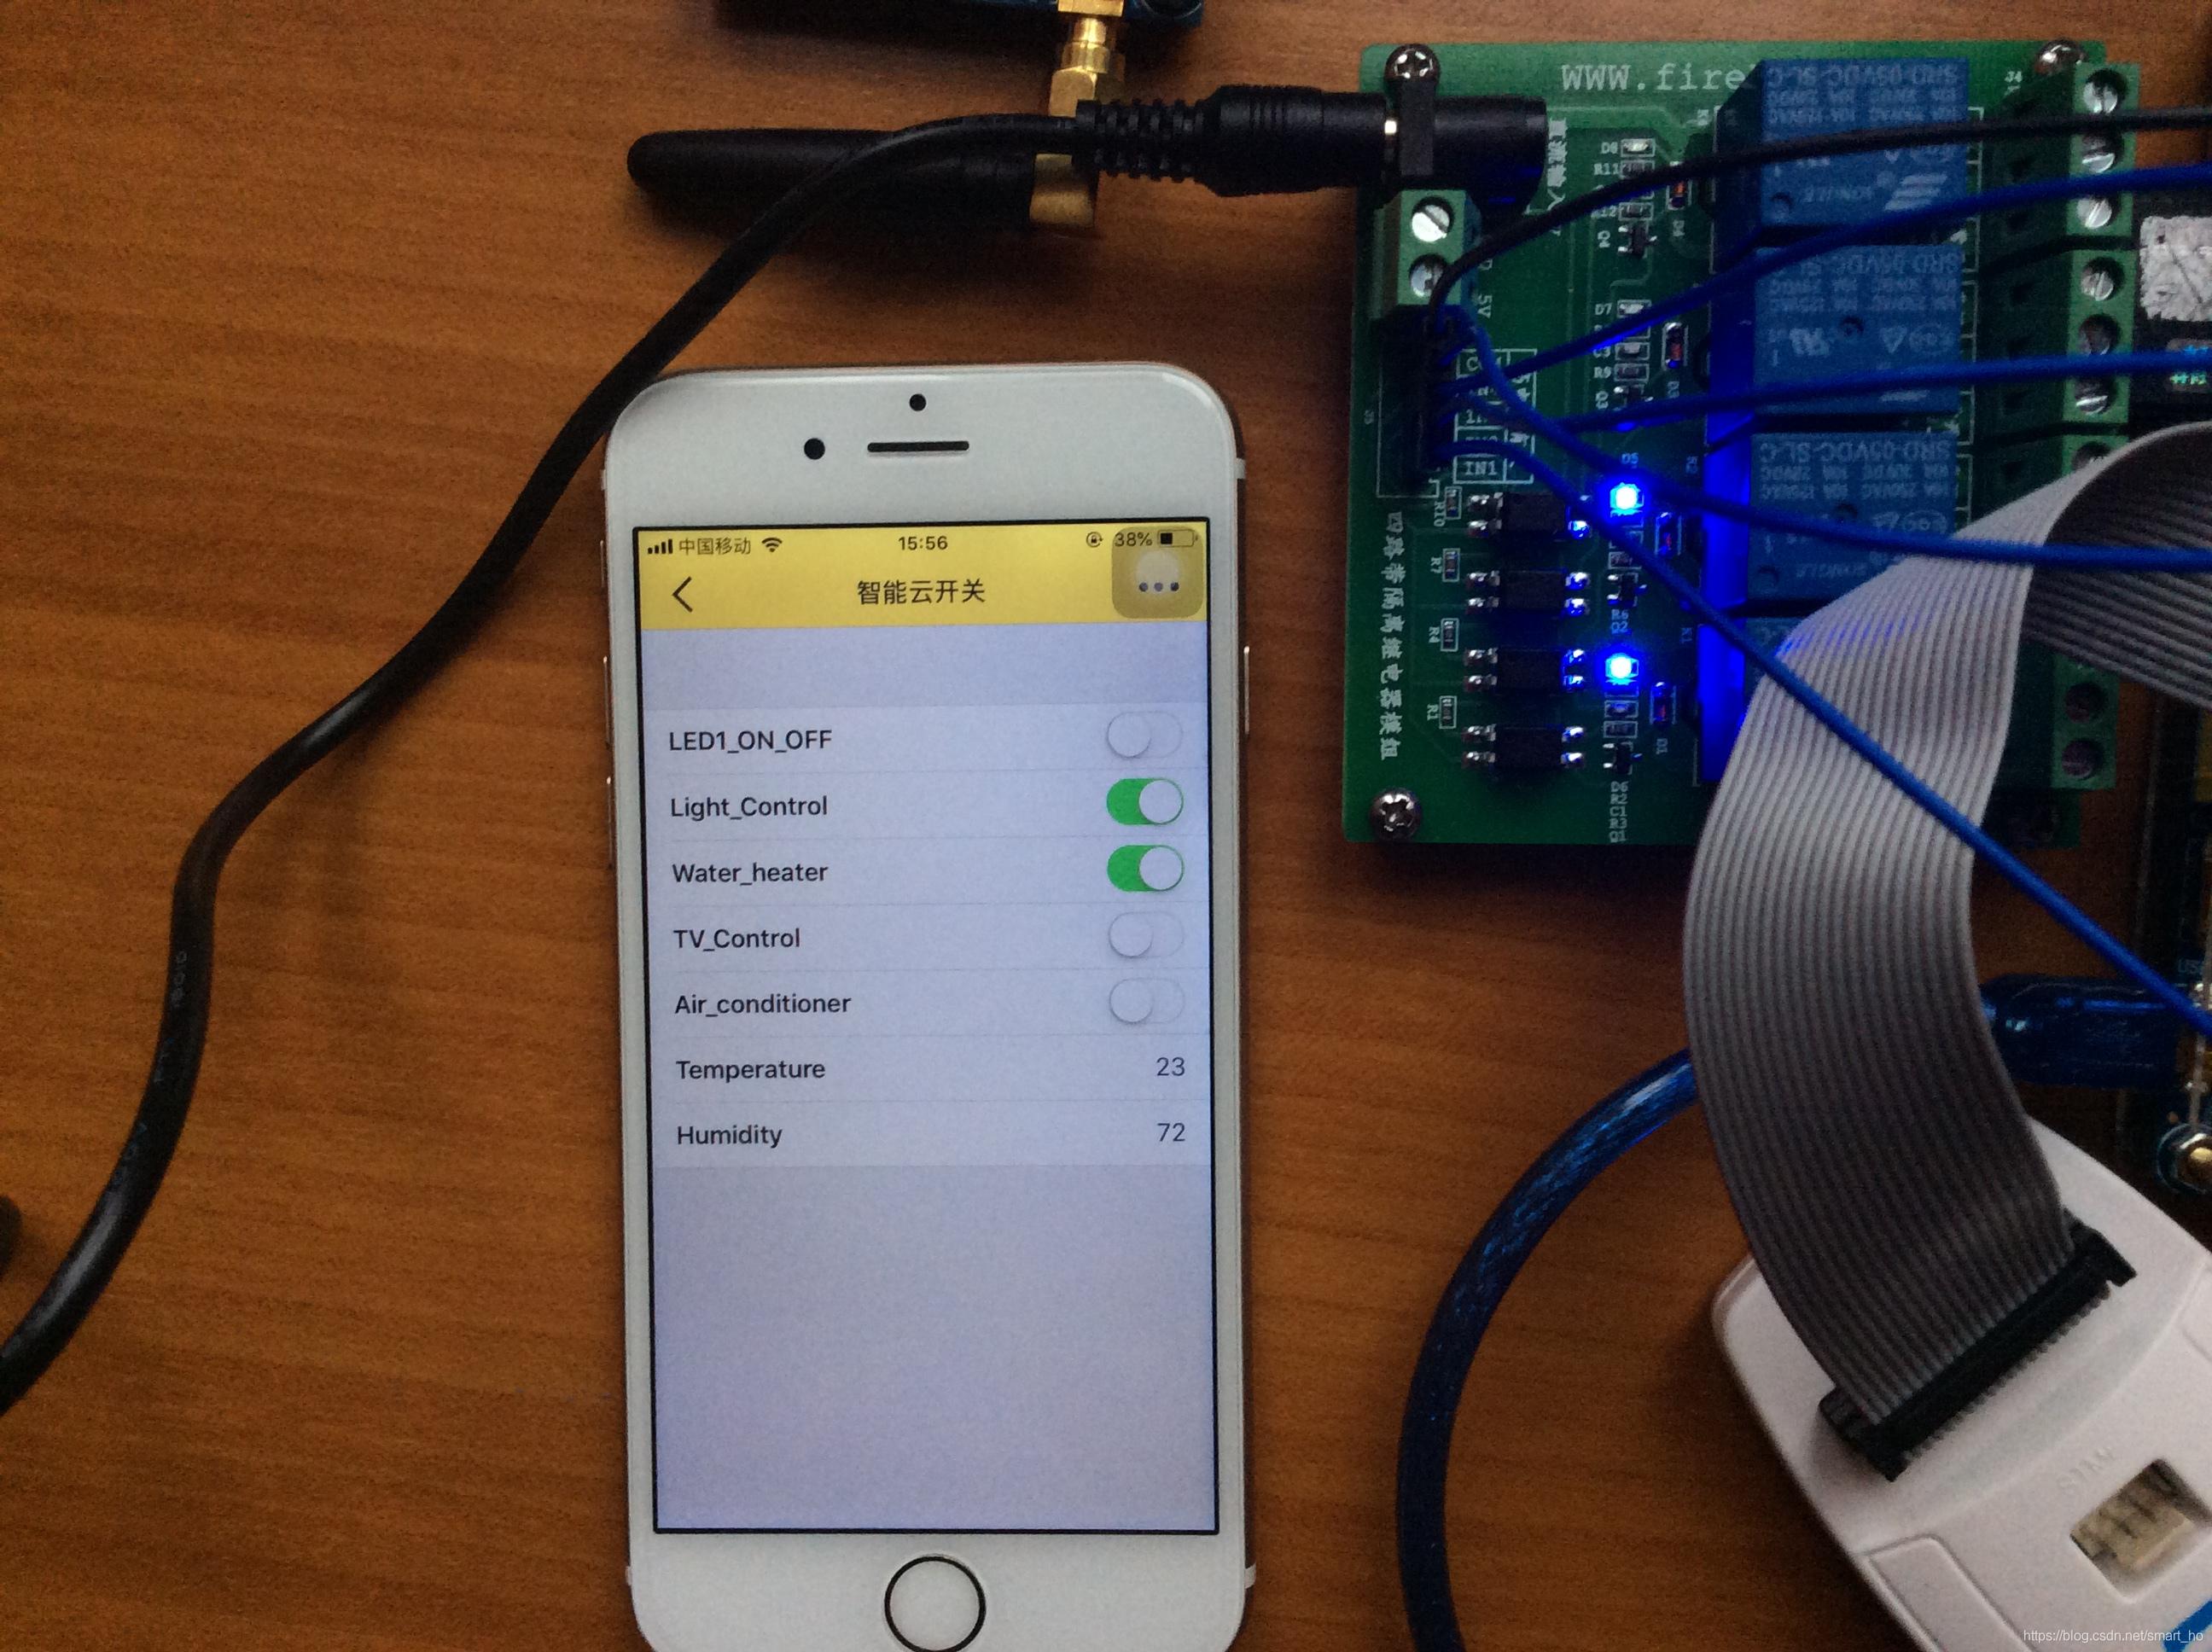 WIFI手机远程控制电器开关